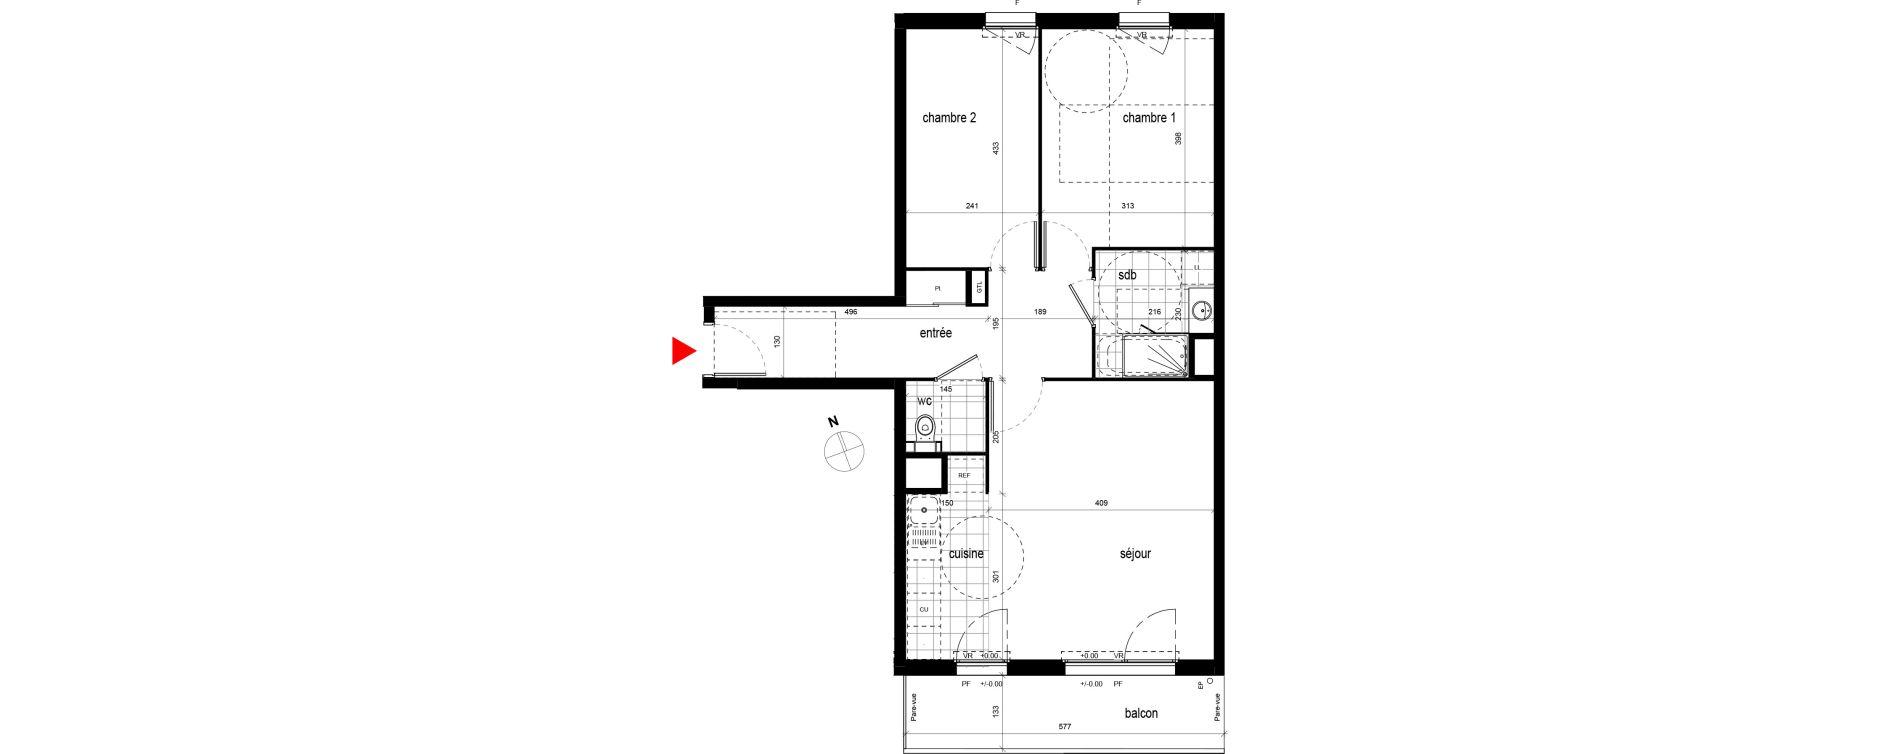 Appartement T3 de 66,23 m2 à Champigny-Sur-Marne Champigny sur marne centre ville